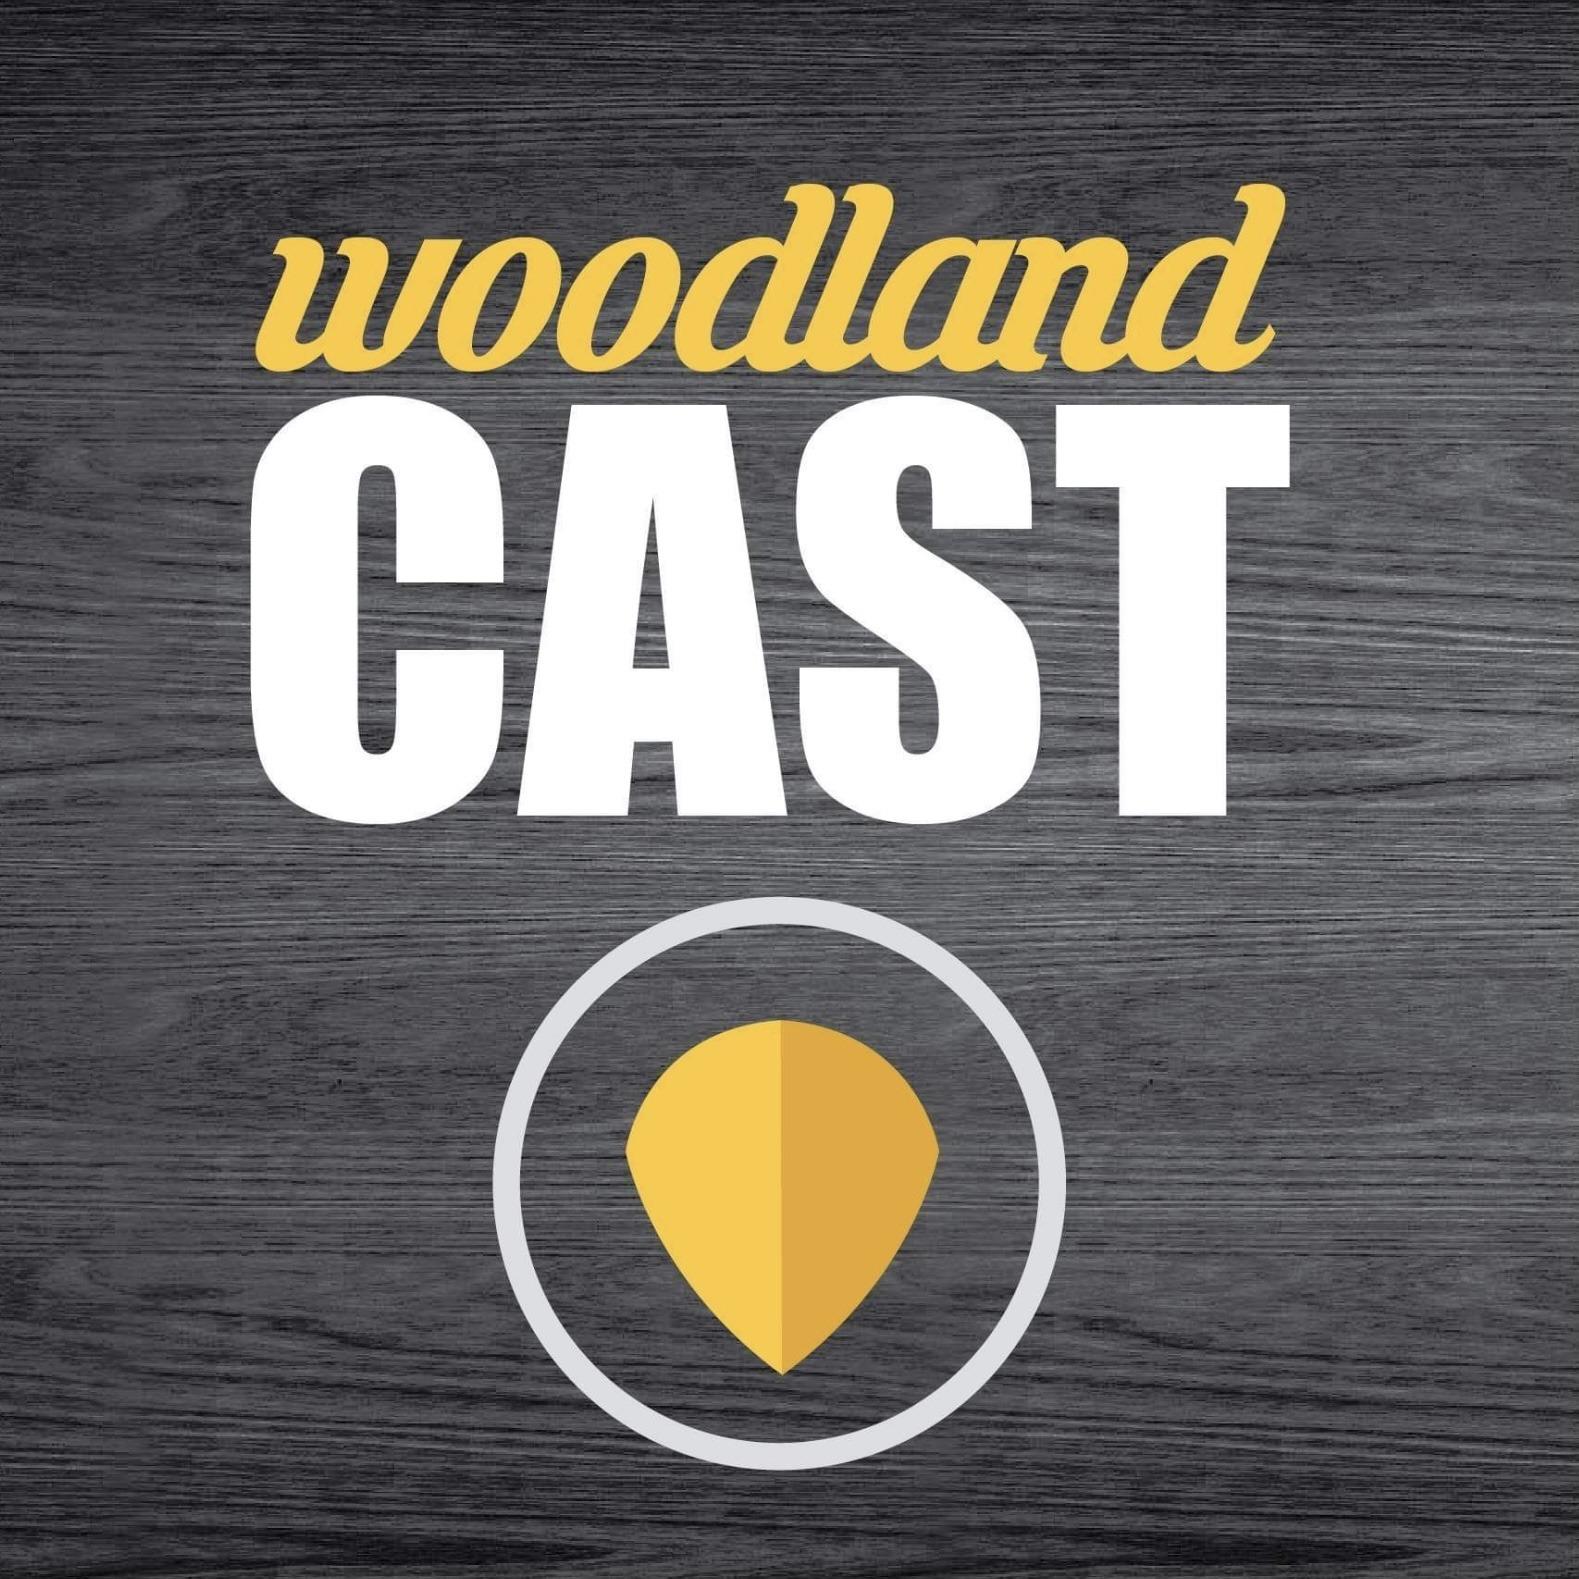 Woodland Cast